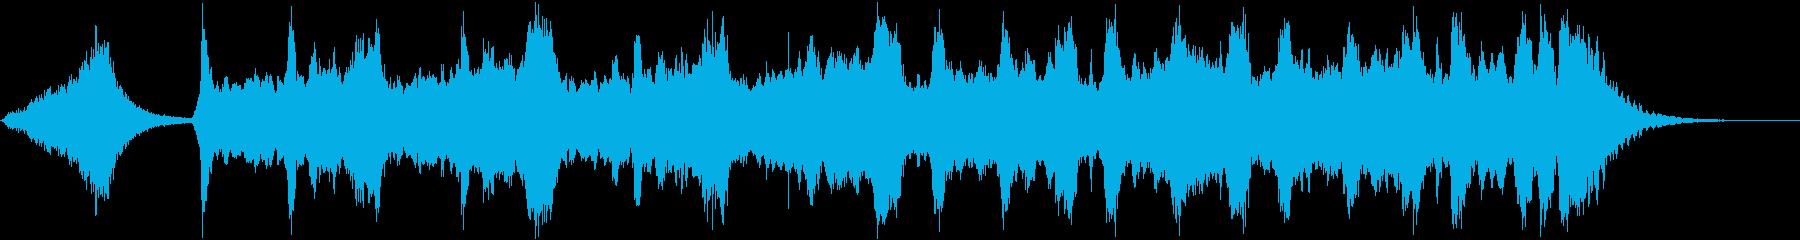 ホラー系・じわじわ追い詰められる曲の再生済みの波形